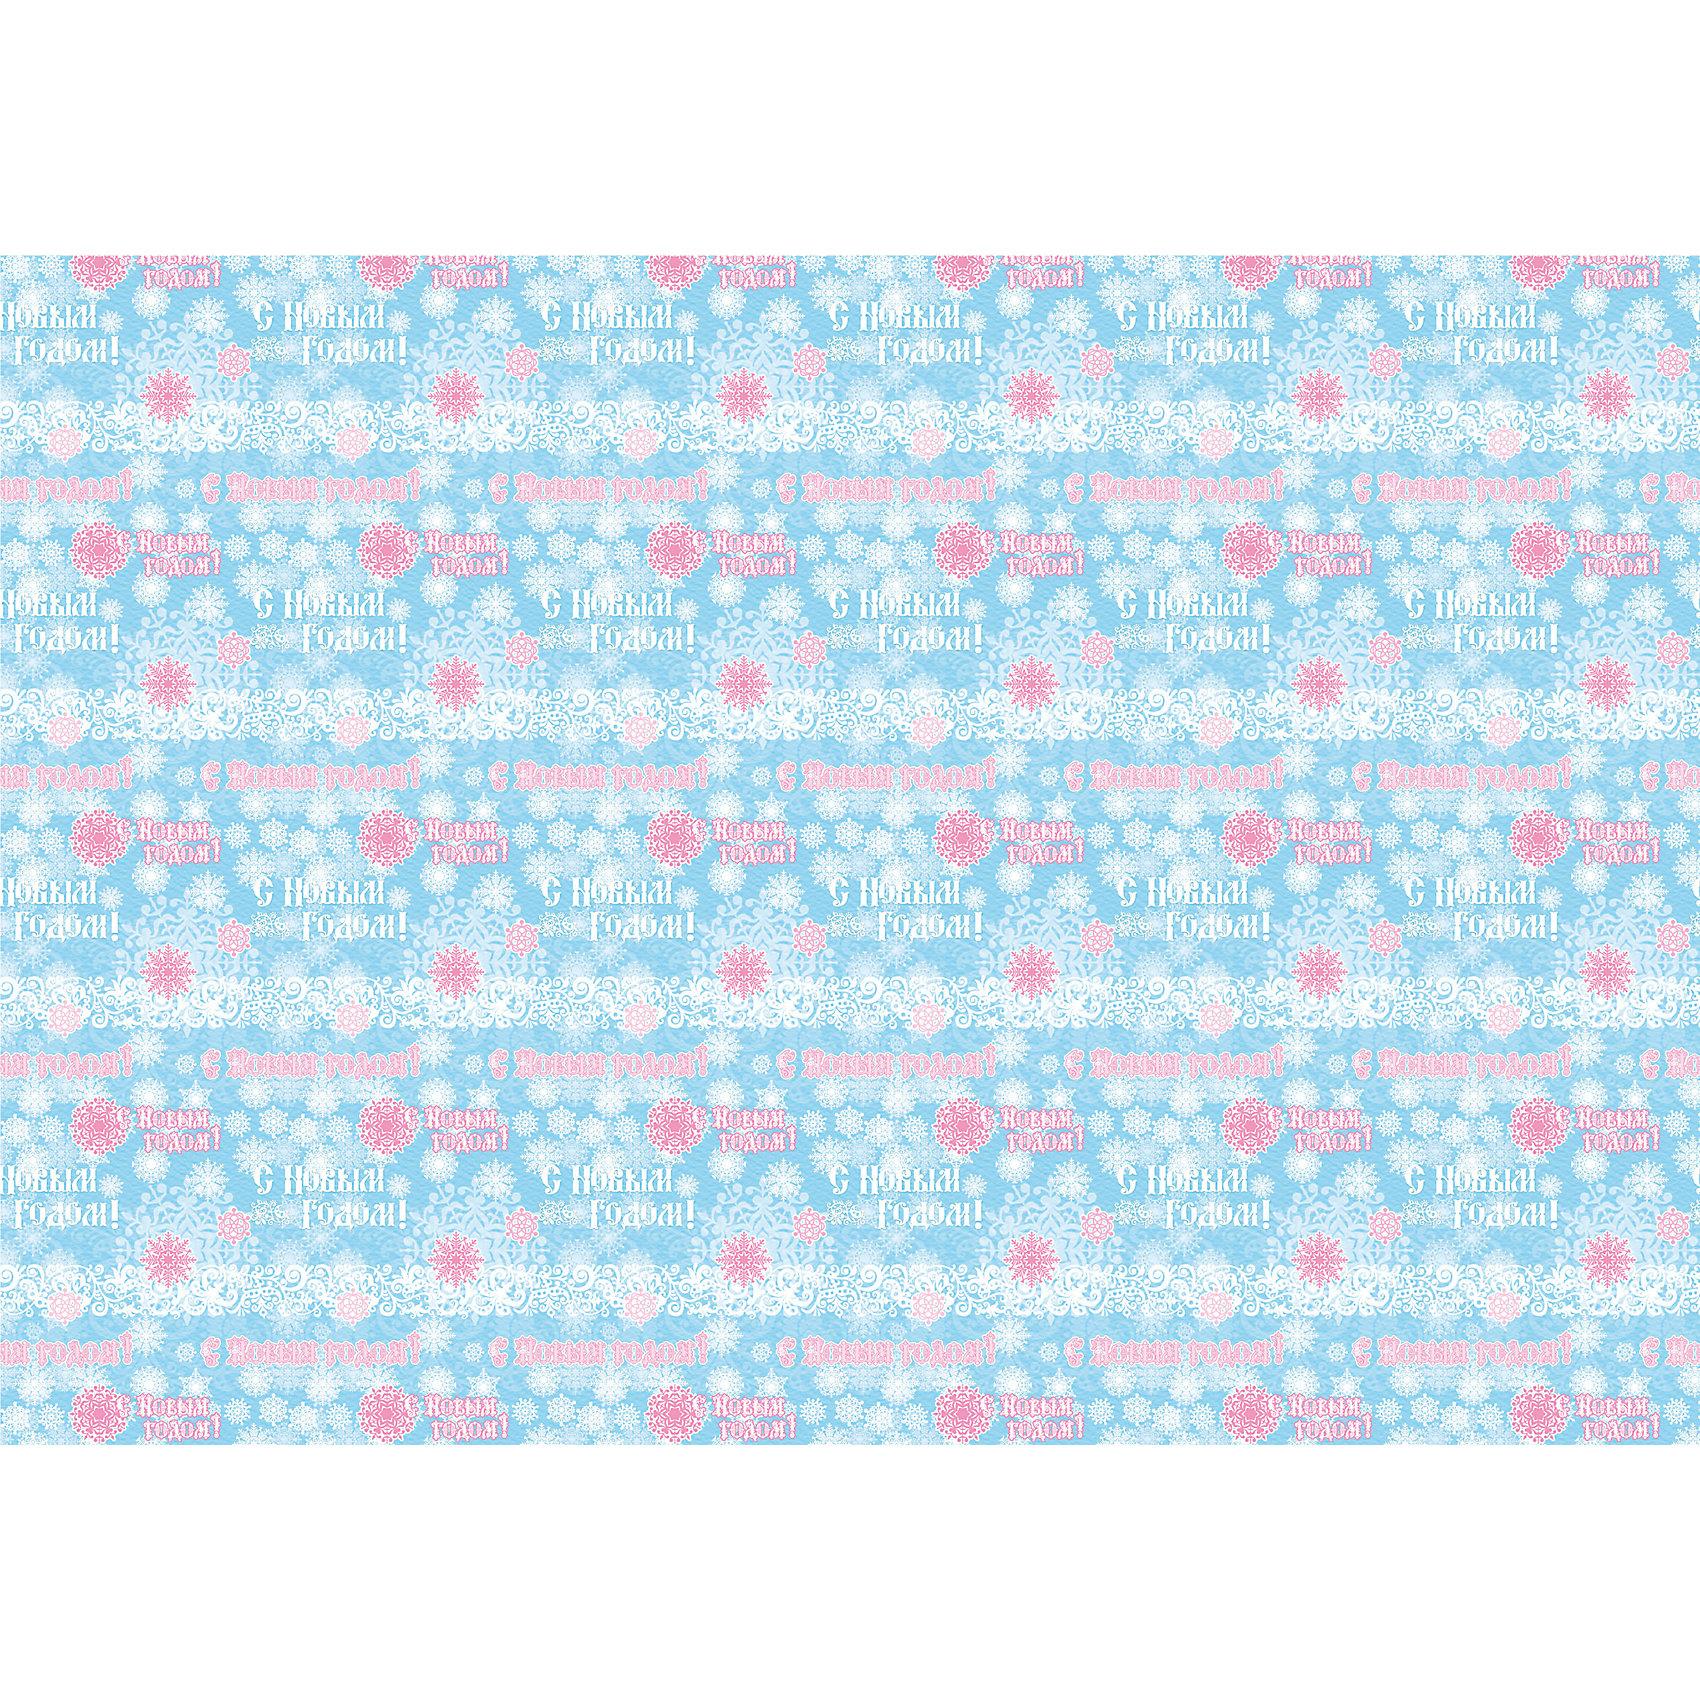 Новогодняя упаковочная бумага в рулонах Розовые снежинки, полноцветная 100x70смХарактеристики товара:<br><br>• размер: 100х70 мм<br>• комплектация: 1 шт<br>• материал: бумага<br>• с орнаментом<br>• страна производства: Китай<br><br>Подарки в красивых упаковках - неотъемлемая часть приятных новогодних ритуалов! Эта подарочная бумага будет отлично смотреться в под ёлкой, она качественно выполнена и нарядно выглядит благодаря яркому рисунку. С такой упаковкой подарок будет и дарить и принимать приятнее! Продаётся в листах размером 100х70 сантиметров.<br>Такие небольшие детали и создают праздник! От них во многом зависит хорошее новогоднее настроение. Изделие производится из качественных сертифицированных материалов, безопасных даже для самых маленьких.<br><br>Новогоднюю упаковочную бумагу в рулонах Розовые снежинки, полноцветная 100x70см можно купить в нашем интернет-магазине.<br><br>Ширина мм: 700<br>Глубина мм: 1000<br>Высота мм: 20<br>Вес г: 300<br>Возраст от месяцев: 72<br>Возраст до месяцев: 480<br>Пол: Унисекс<br>Возраст: Детский<br>SKU: 5051708